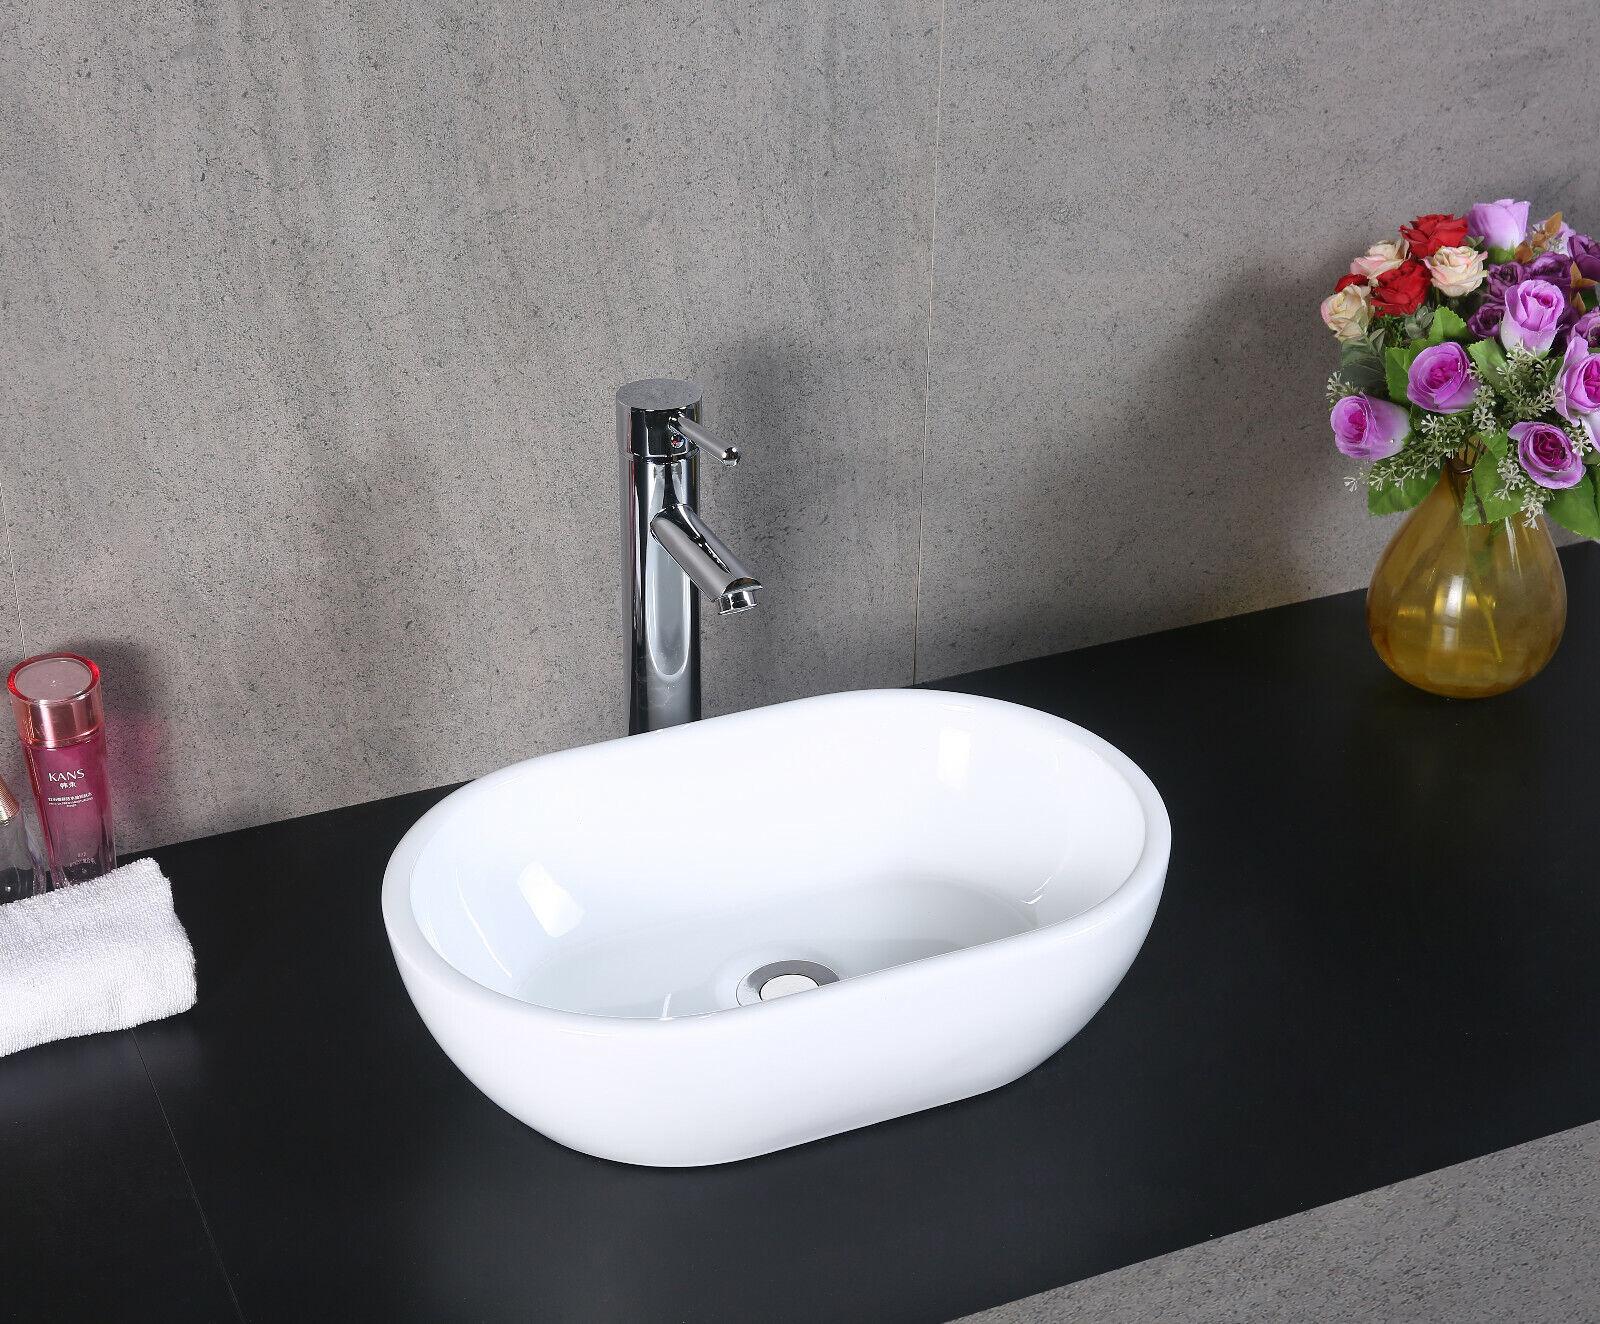 Bagno ripiano in ceramica bianco bacino Guardaroba Gloss LAVAGGIO LAVANDINO